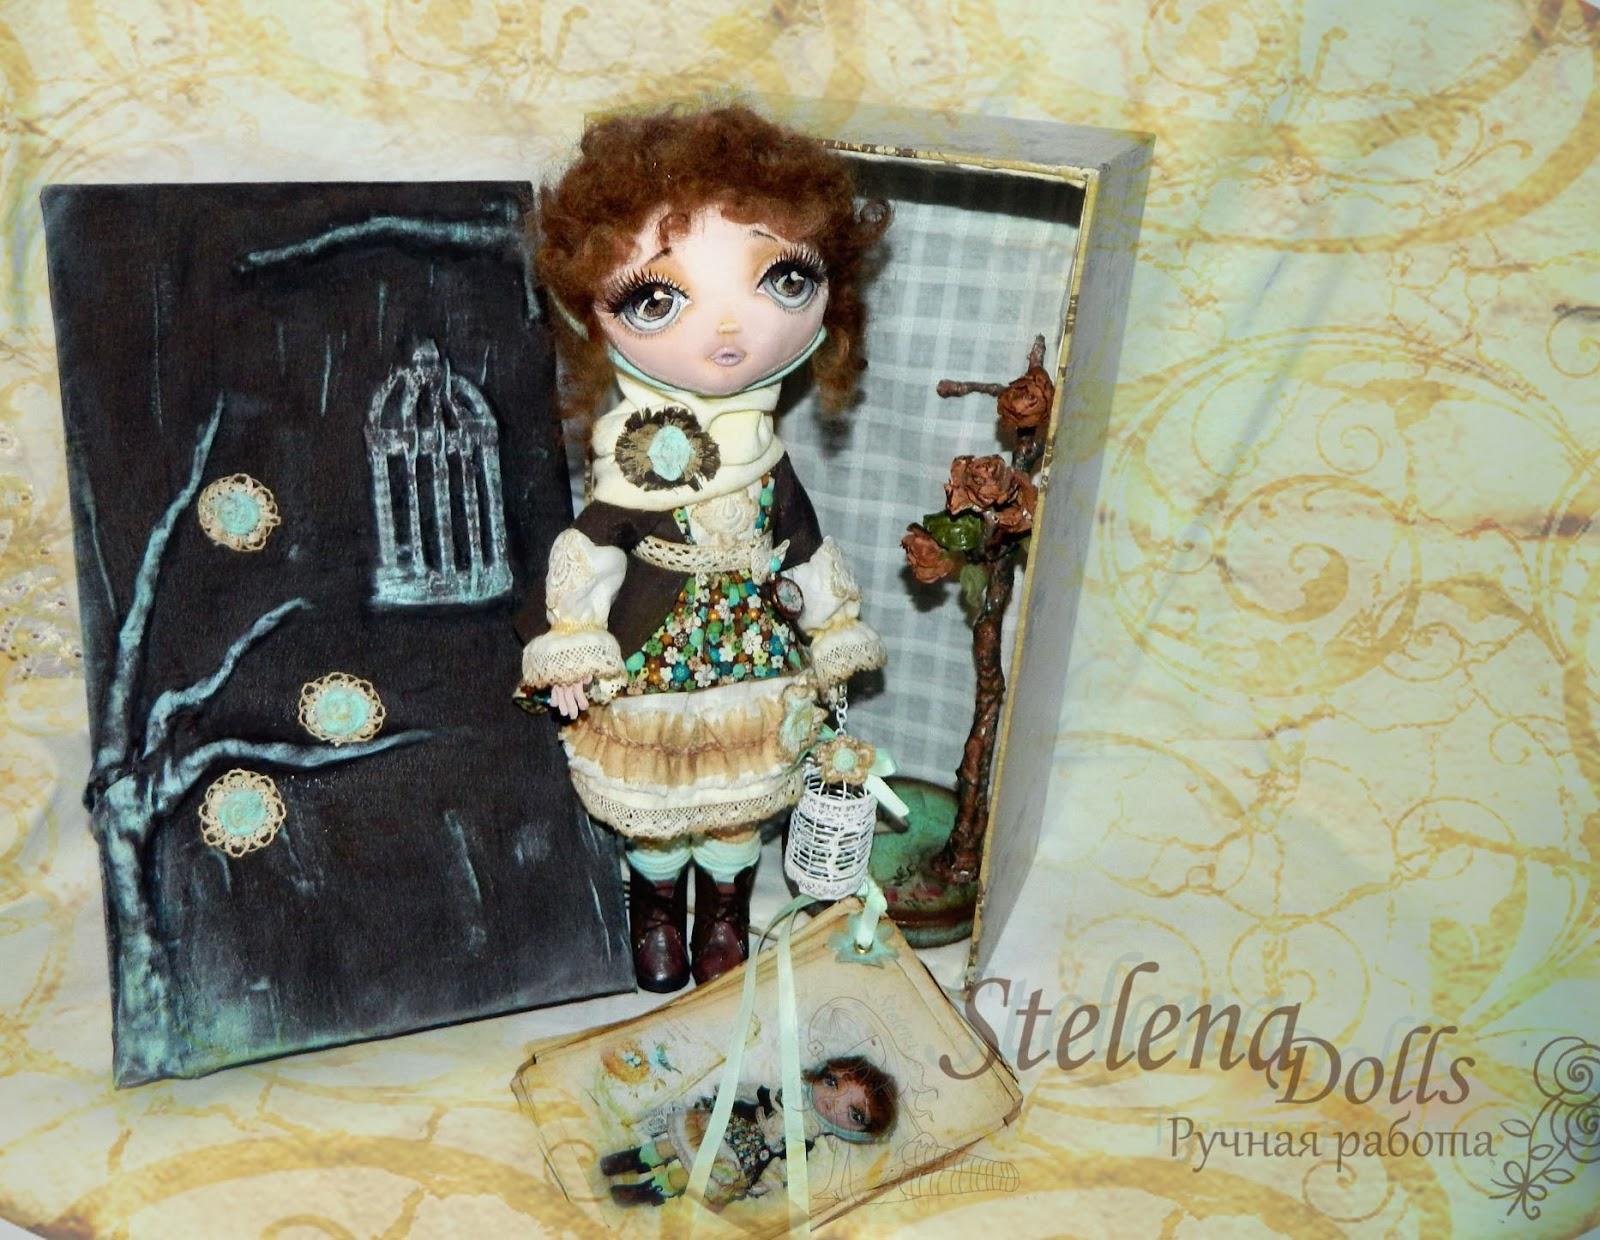 Упаковка  и паспорт для текстильной куклы Stelena Dolls